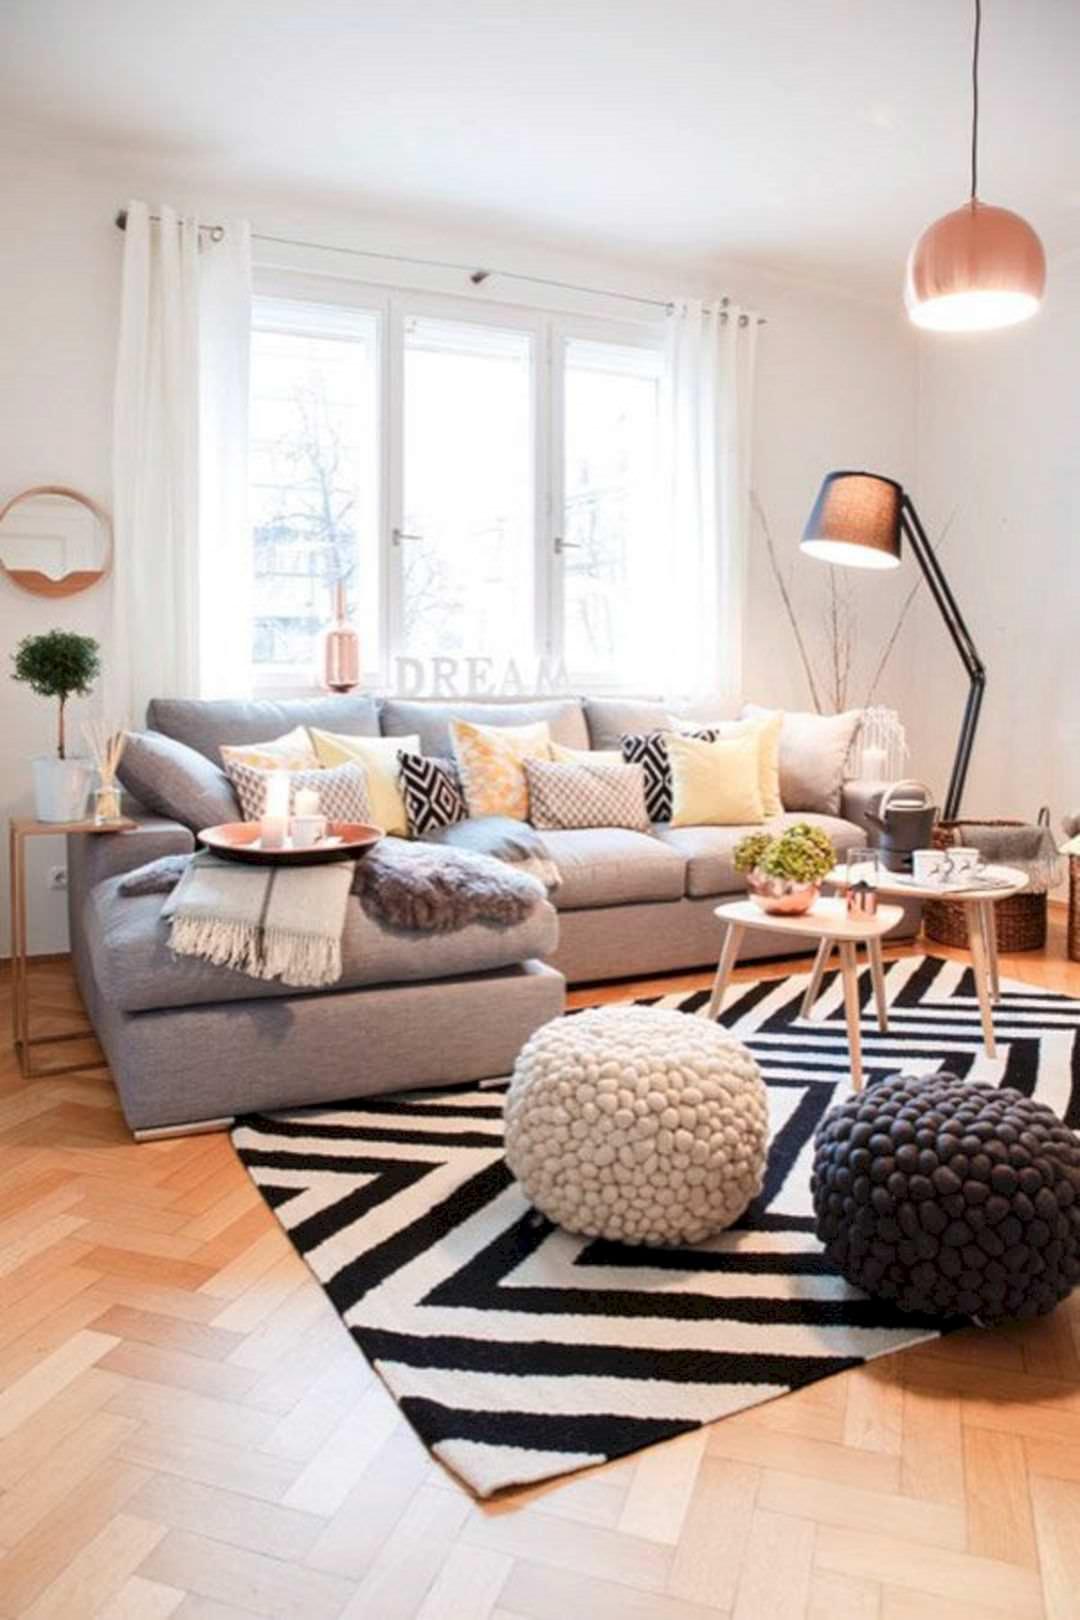 Scegliere i colori per le pareti di casa non è un gioco da ragazzi Imbiancare Casa Colori Di Tendenza Per Ogni Stanza Idee Colore Pareti Per Tinteggiare Casa Start Preventivi